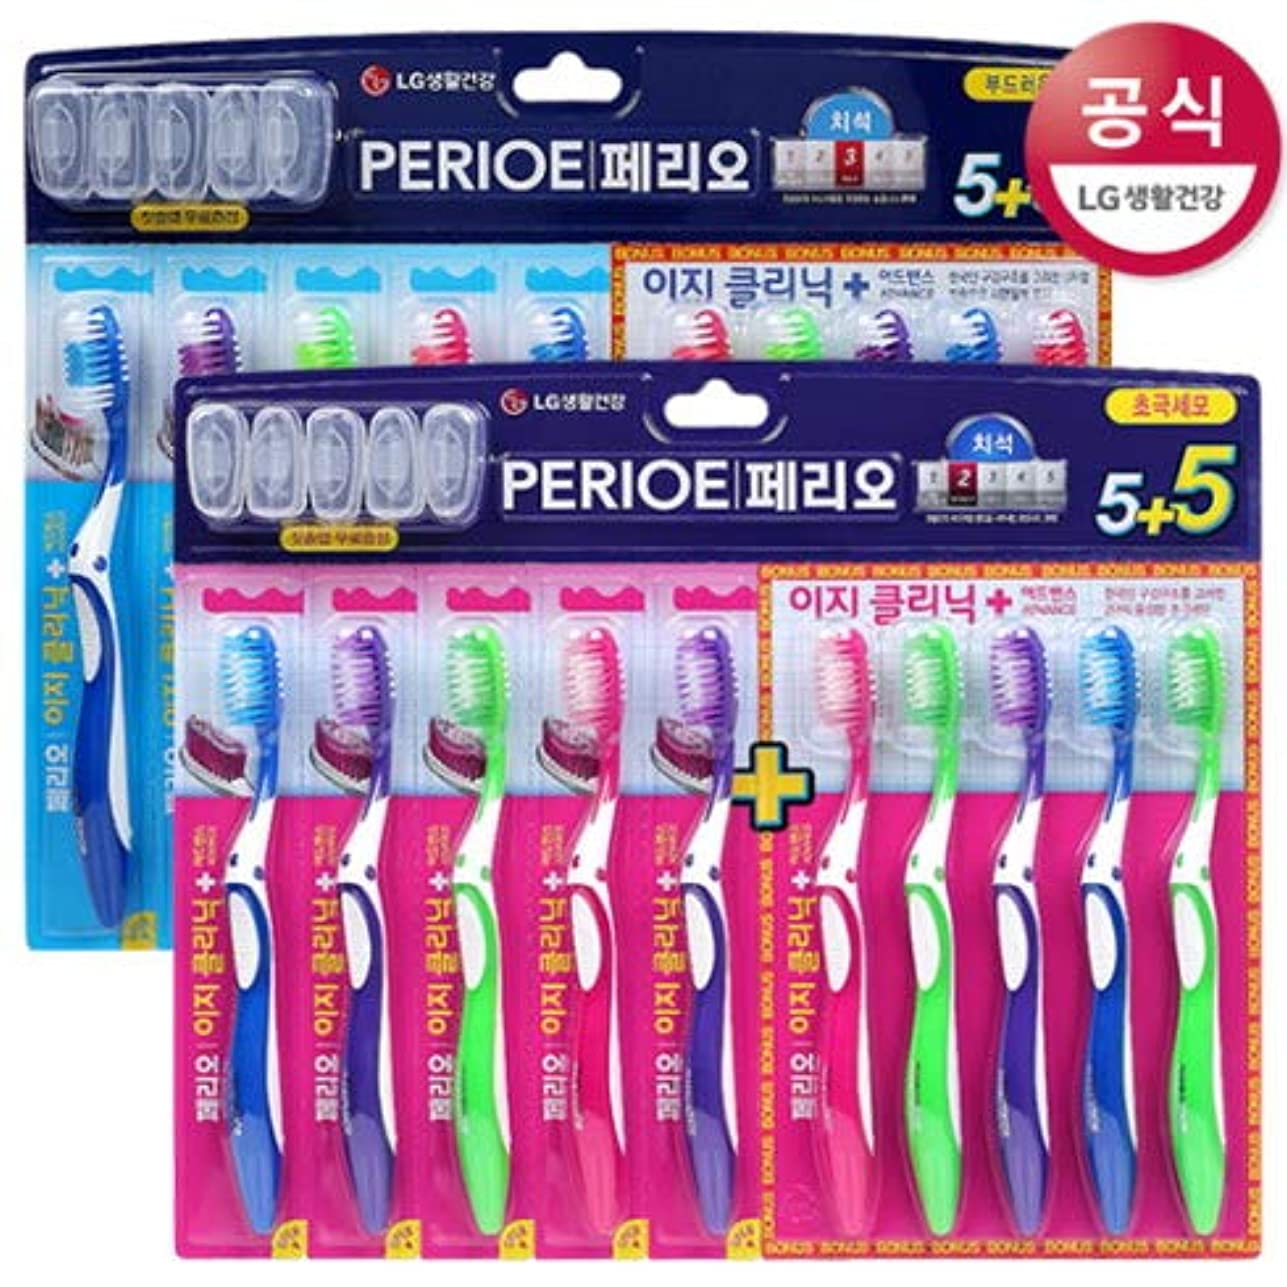 ナチュラル必要としている投獄[LG HnB] Perio Easy Clinical Advance Toothbrush/ペリオでクリニックアドバンス歯ブラシ 10の口x2個(海外直送品)